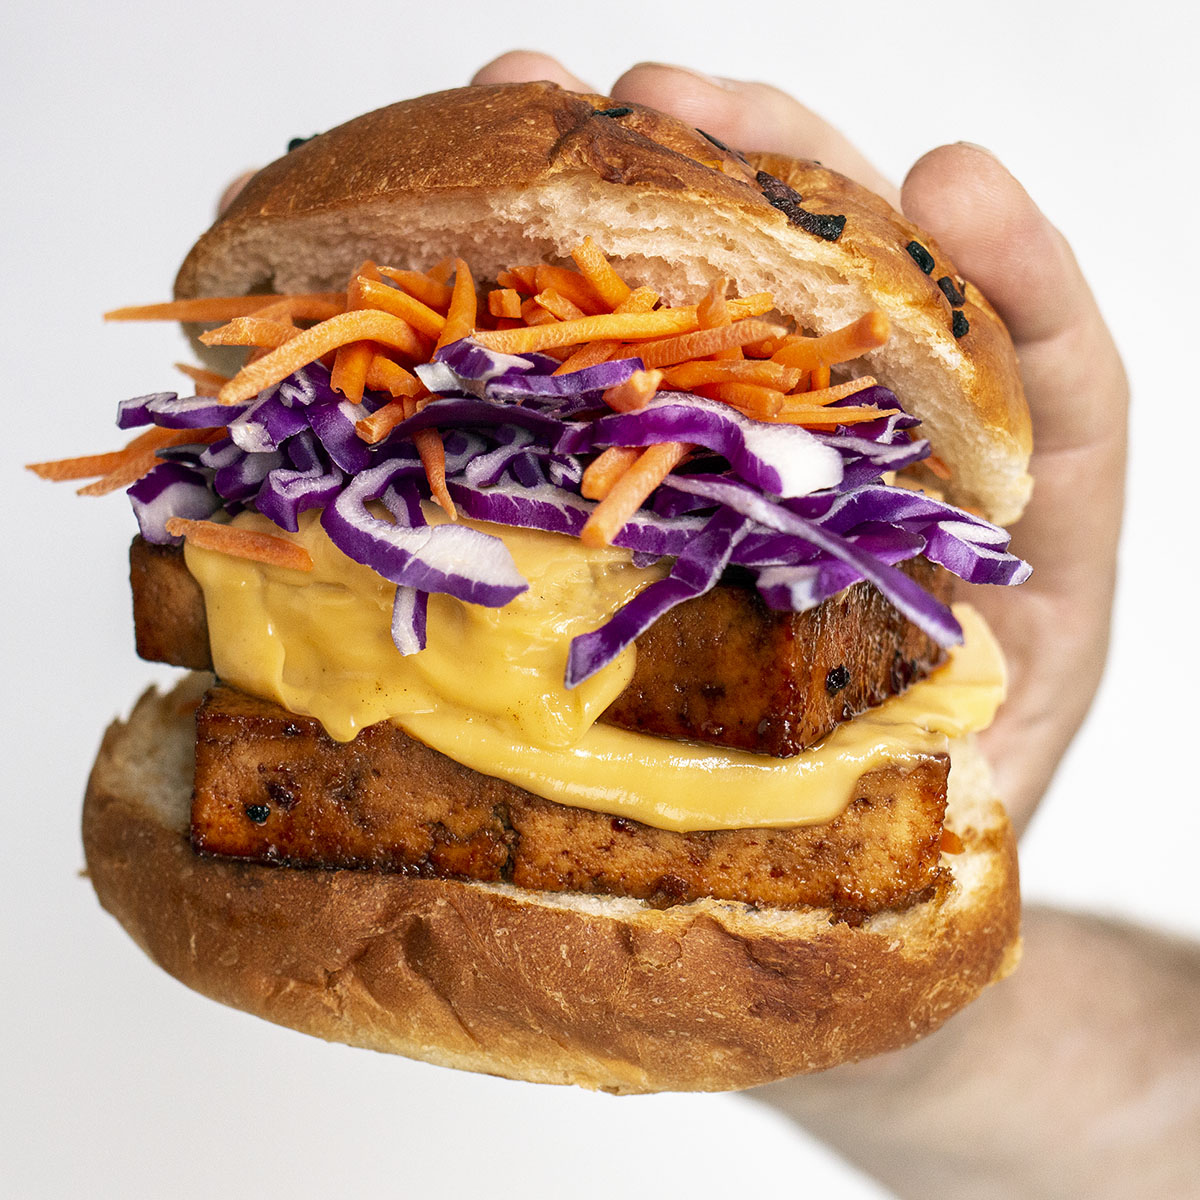 Burger_working_IN.jpg